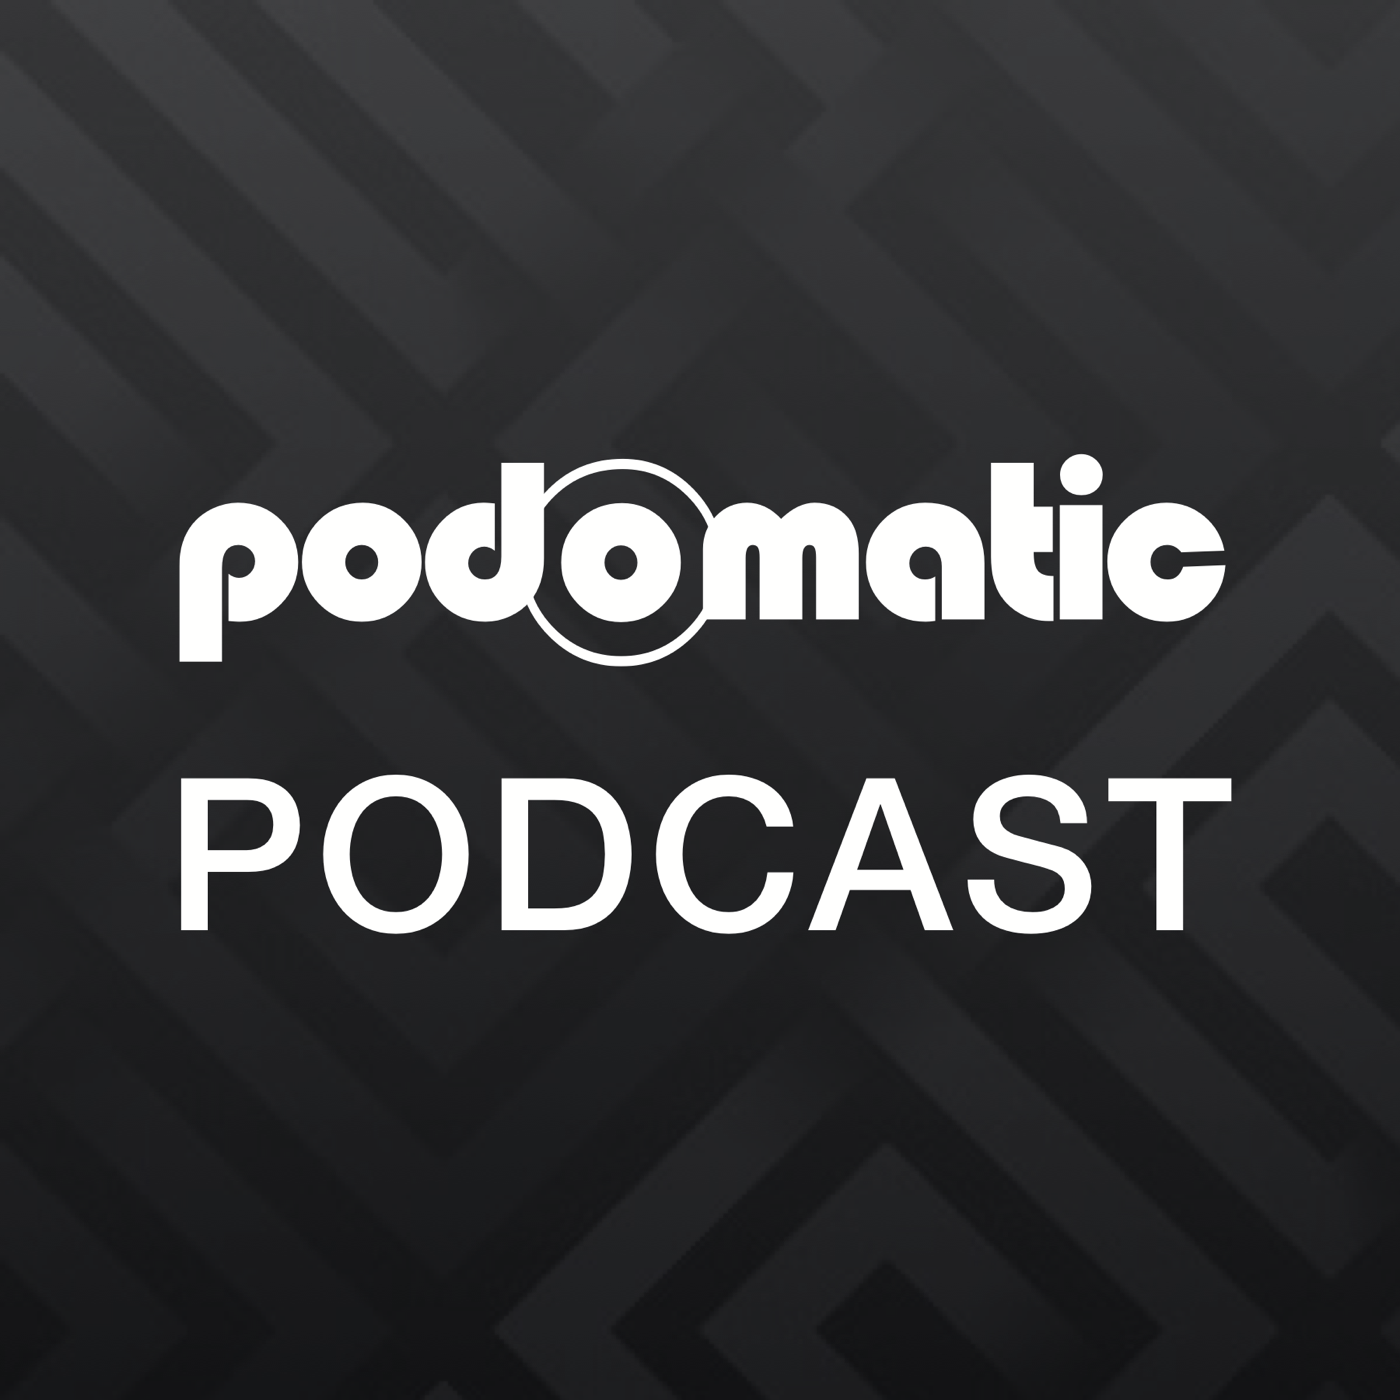 Jose Carlos Barcelo's Podcast